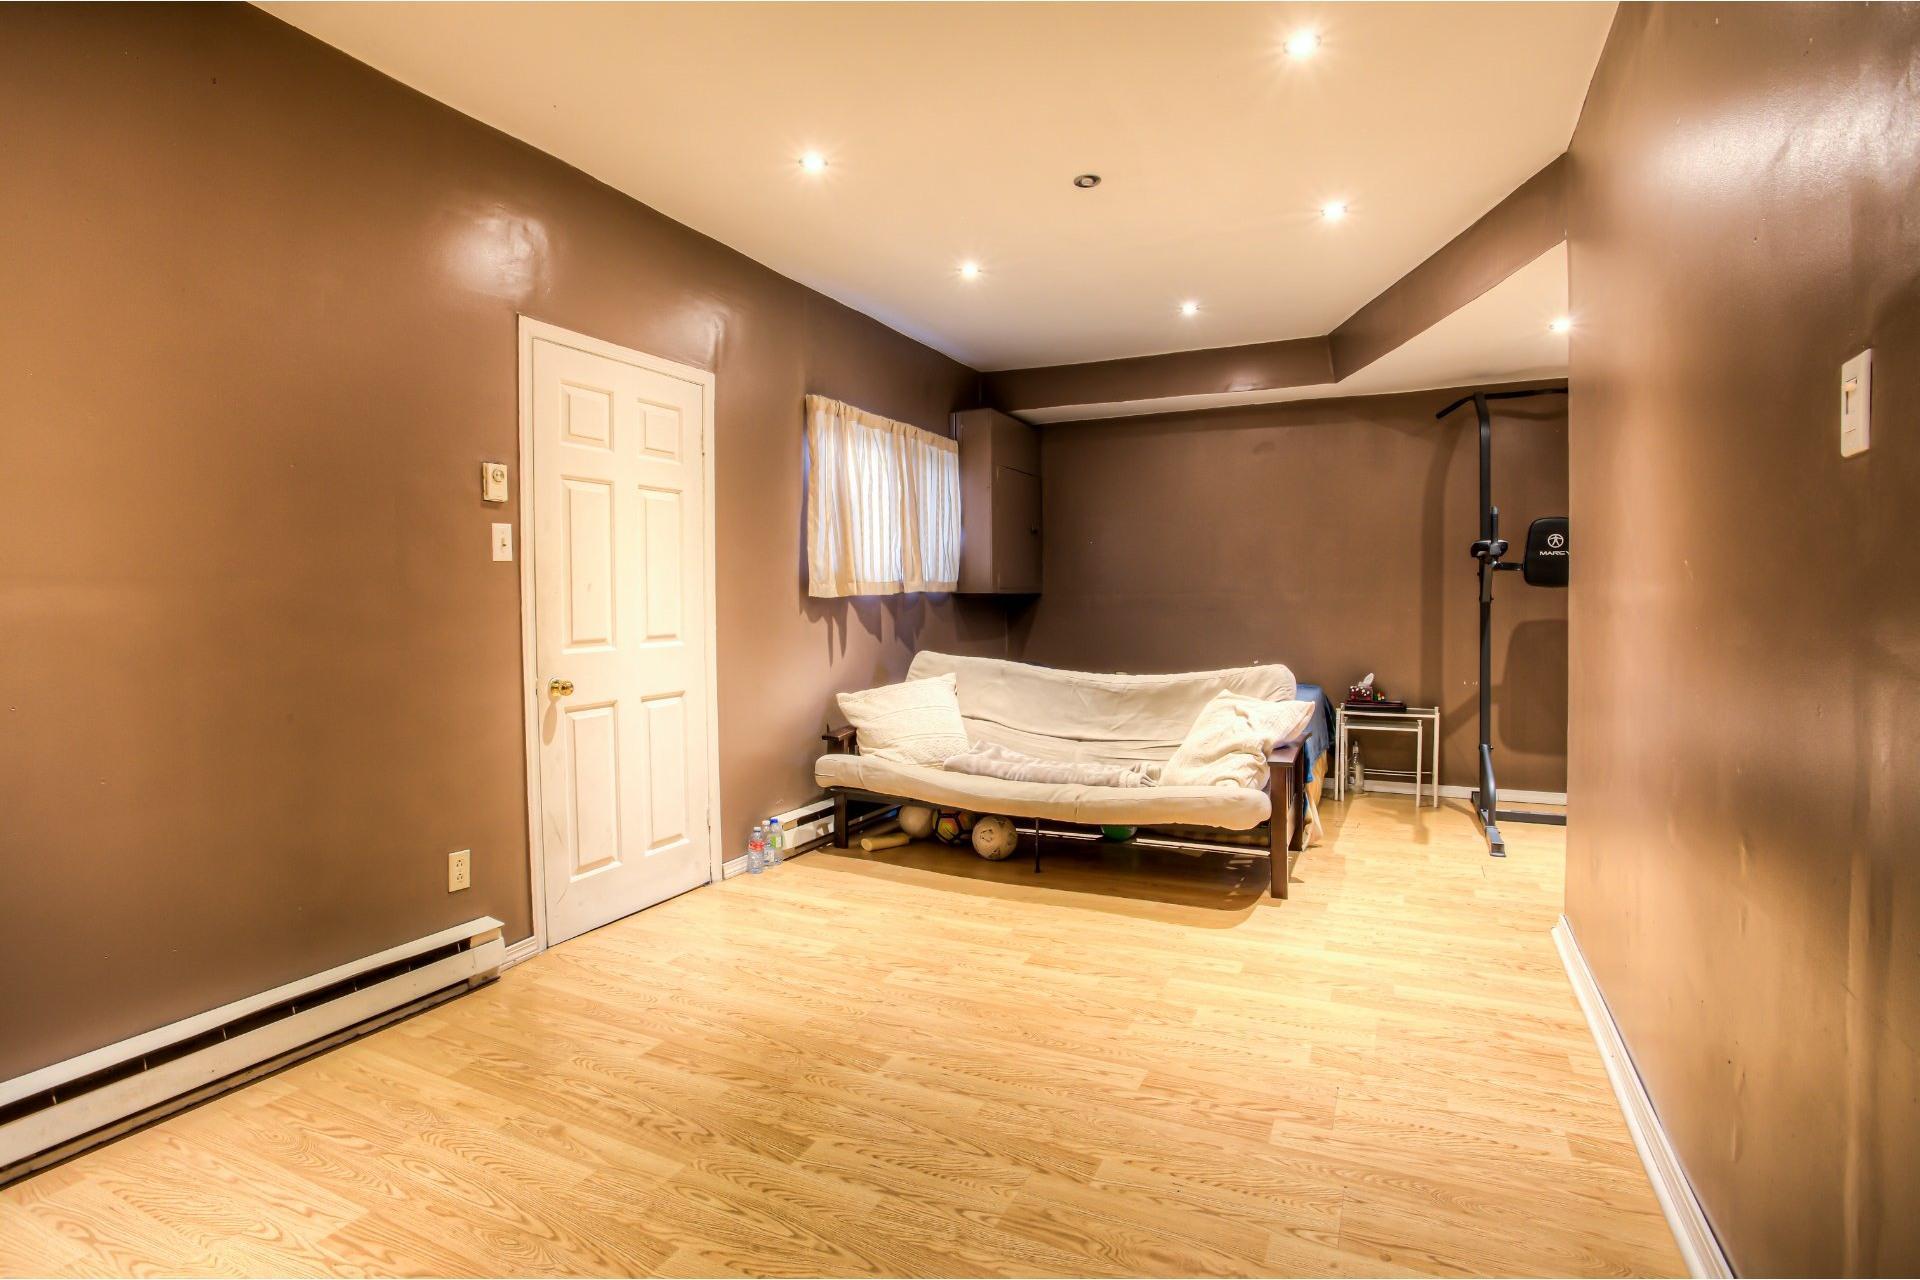 image 21 - Maison À vendre Pierrefonds-Roxboro Montréal  - 8 pièces